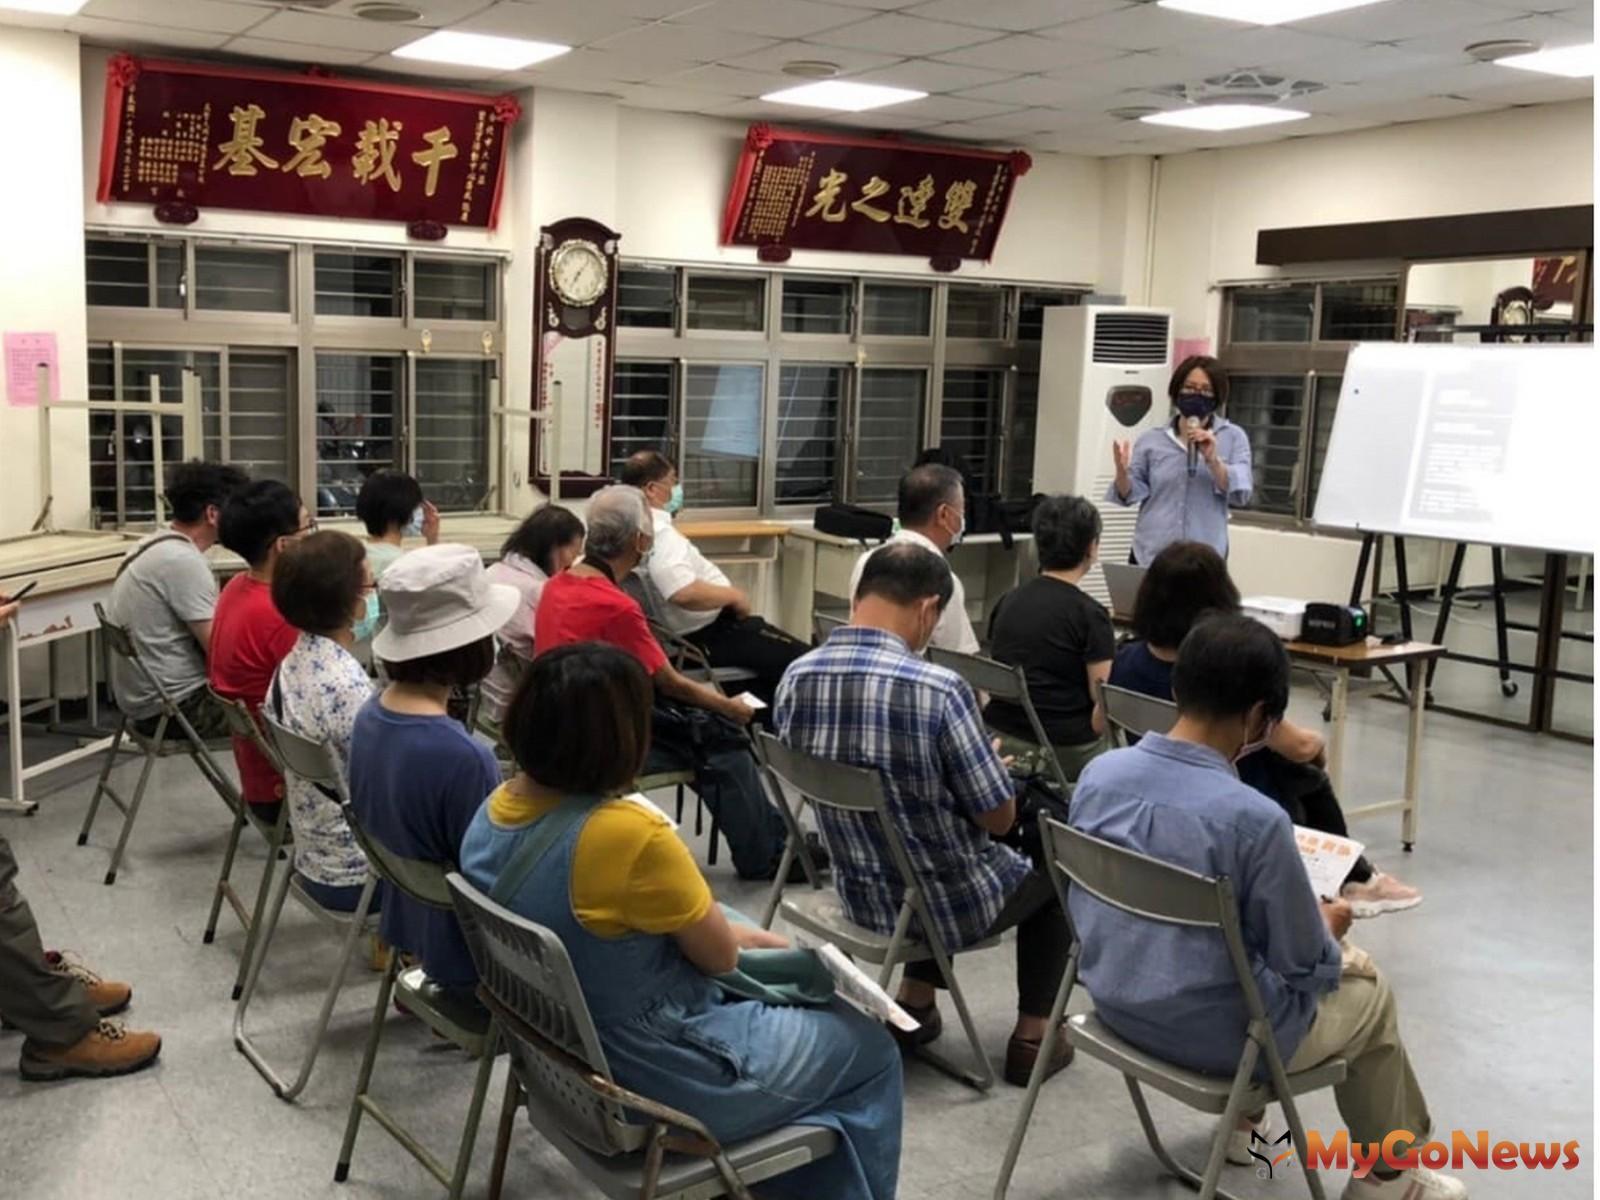 12行政區整建維護法令說明會,只剩1場,請把握機會!(圖:台北市政府) MyGoNews房地產新聞 區域情報